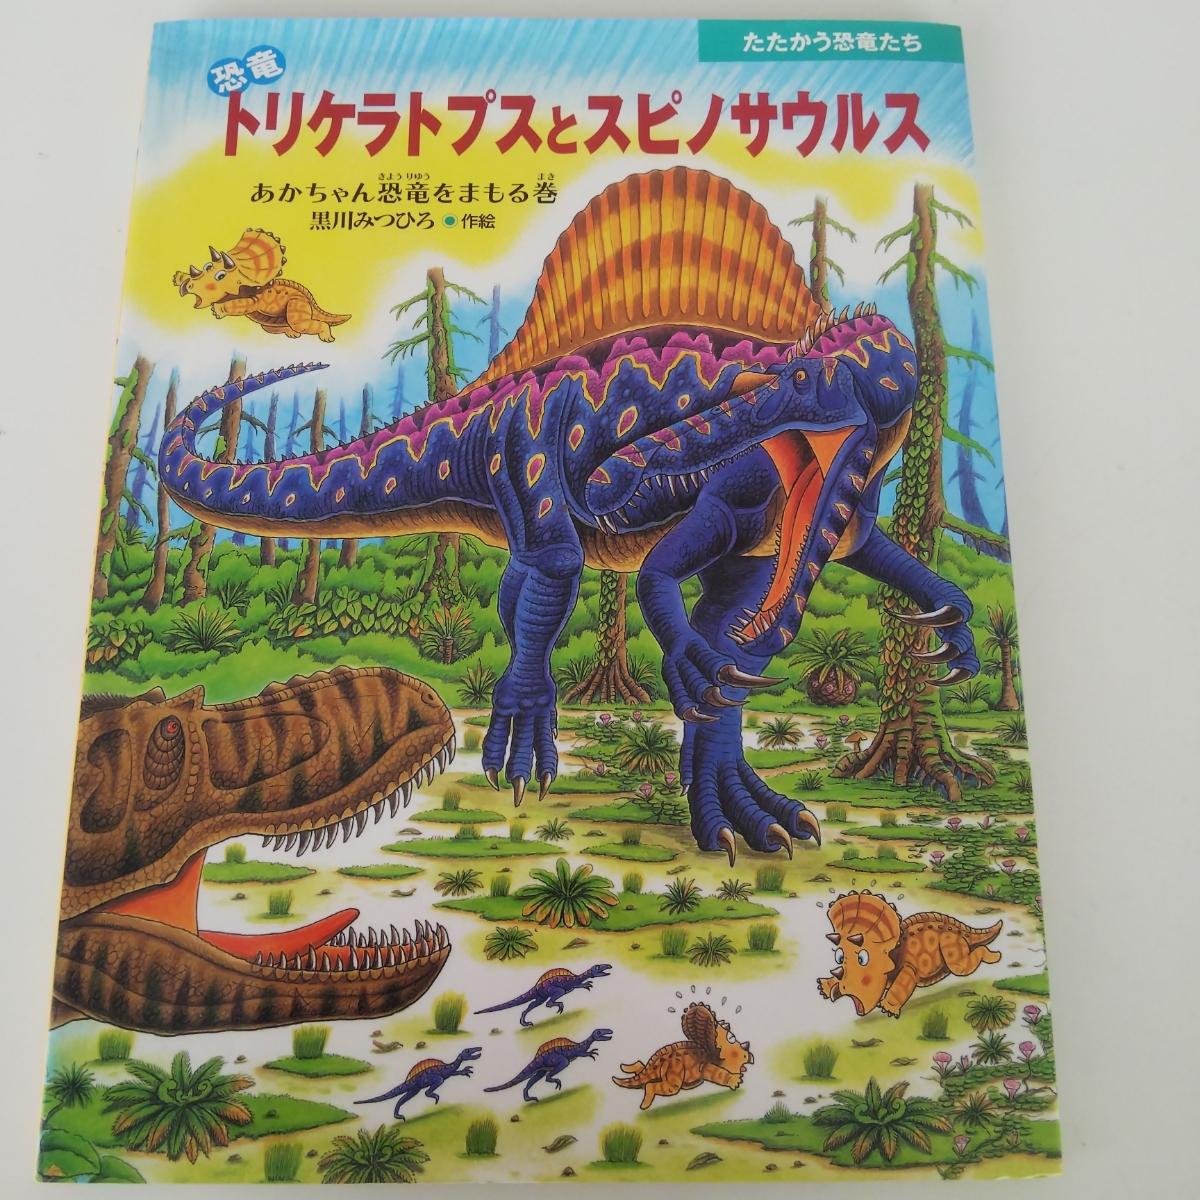 絵本 恐竜 トリケラトプスとスピノサウルス 黒川みつひろ 中古_画像1